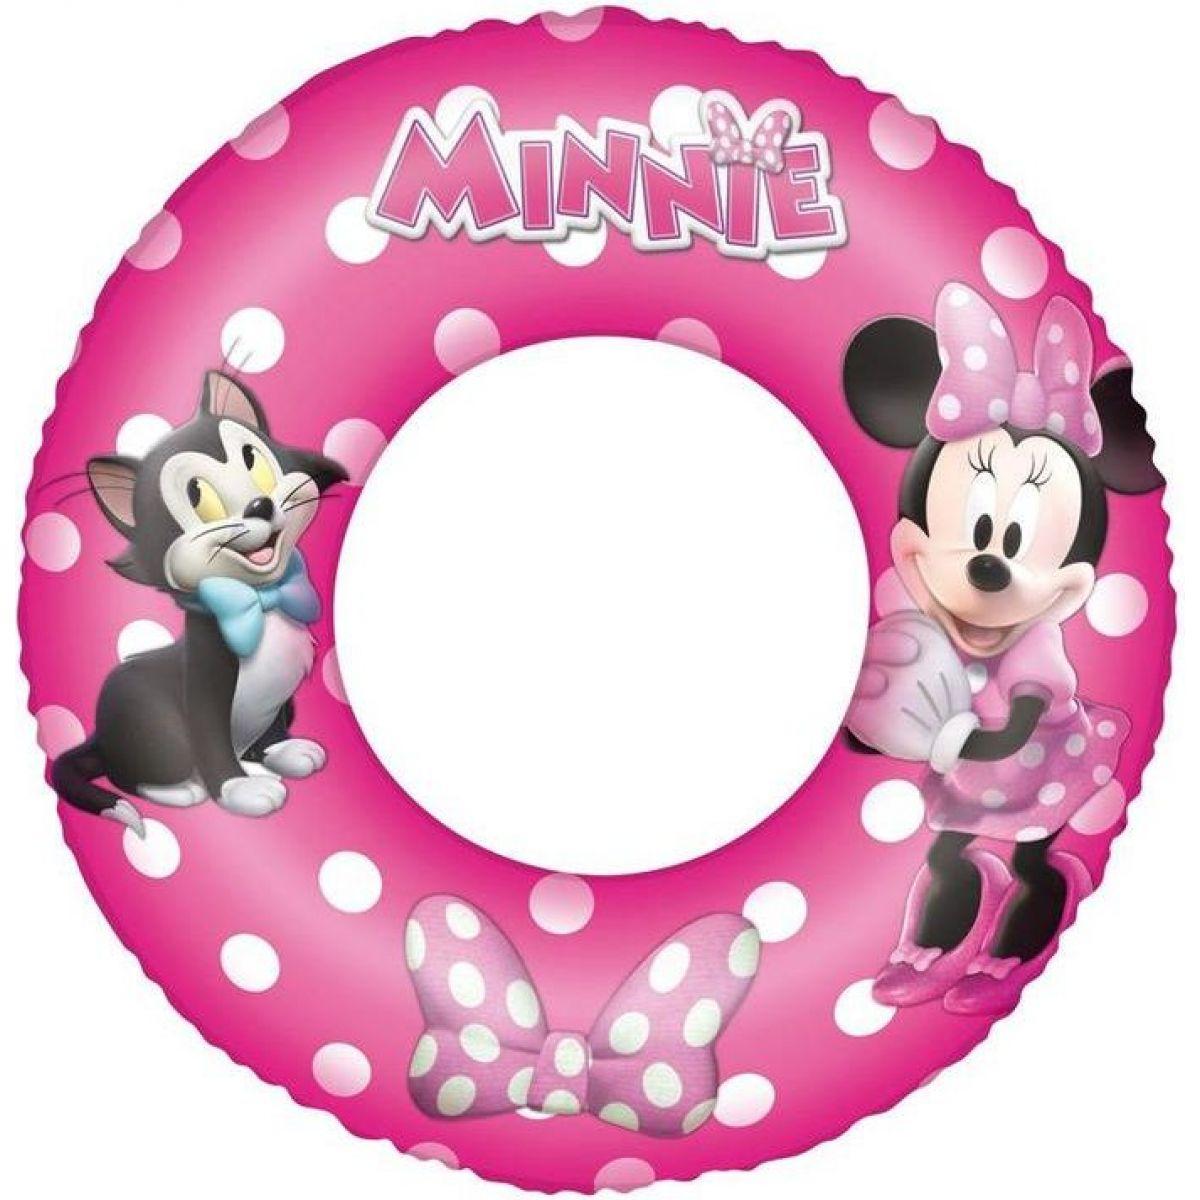 Bestway 91040 Minnie